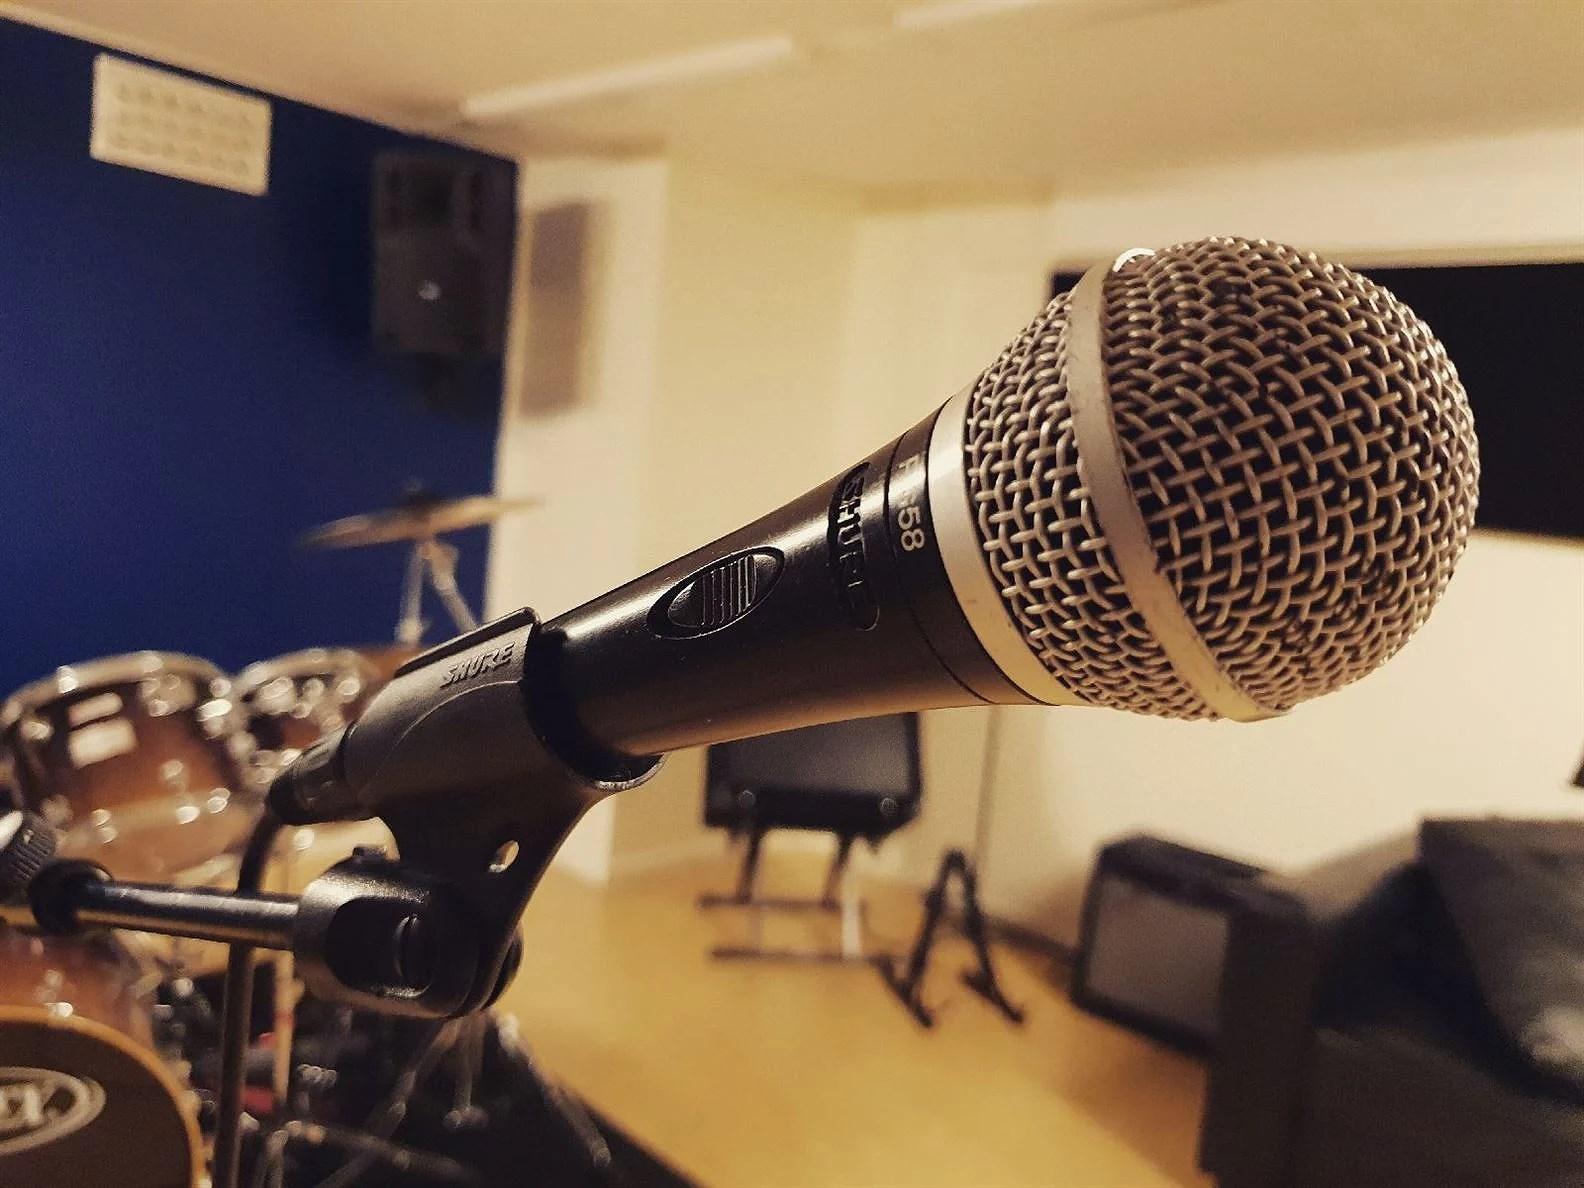 Mår bra av att få sjunga